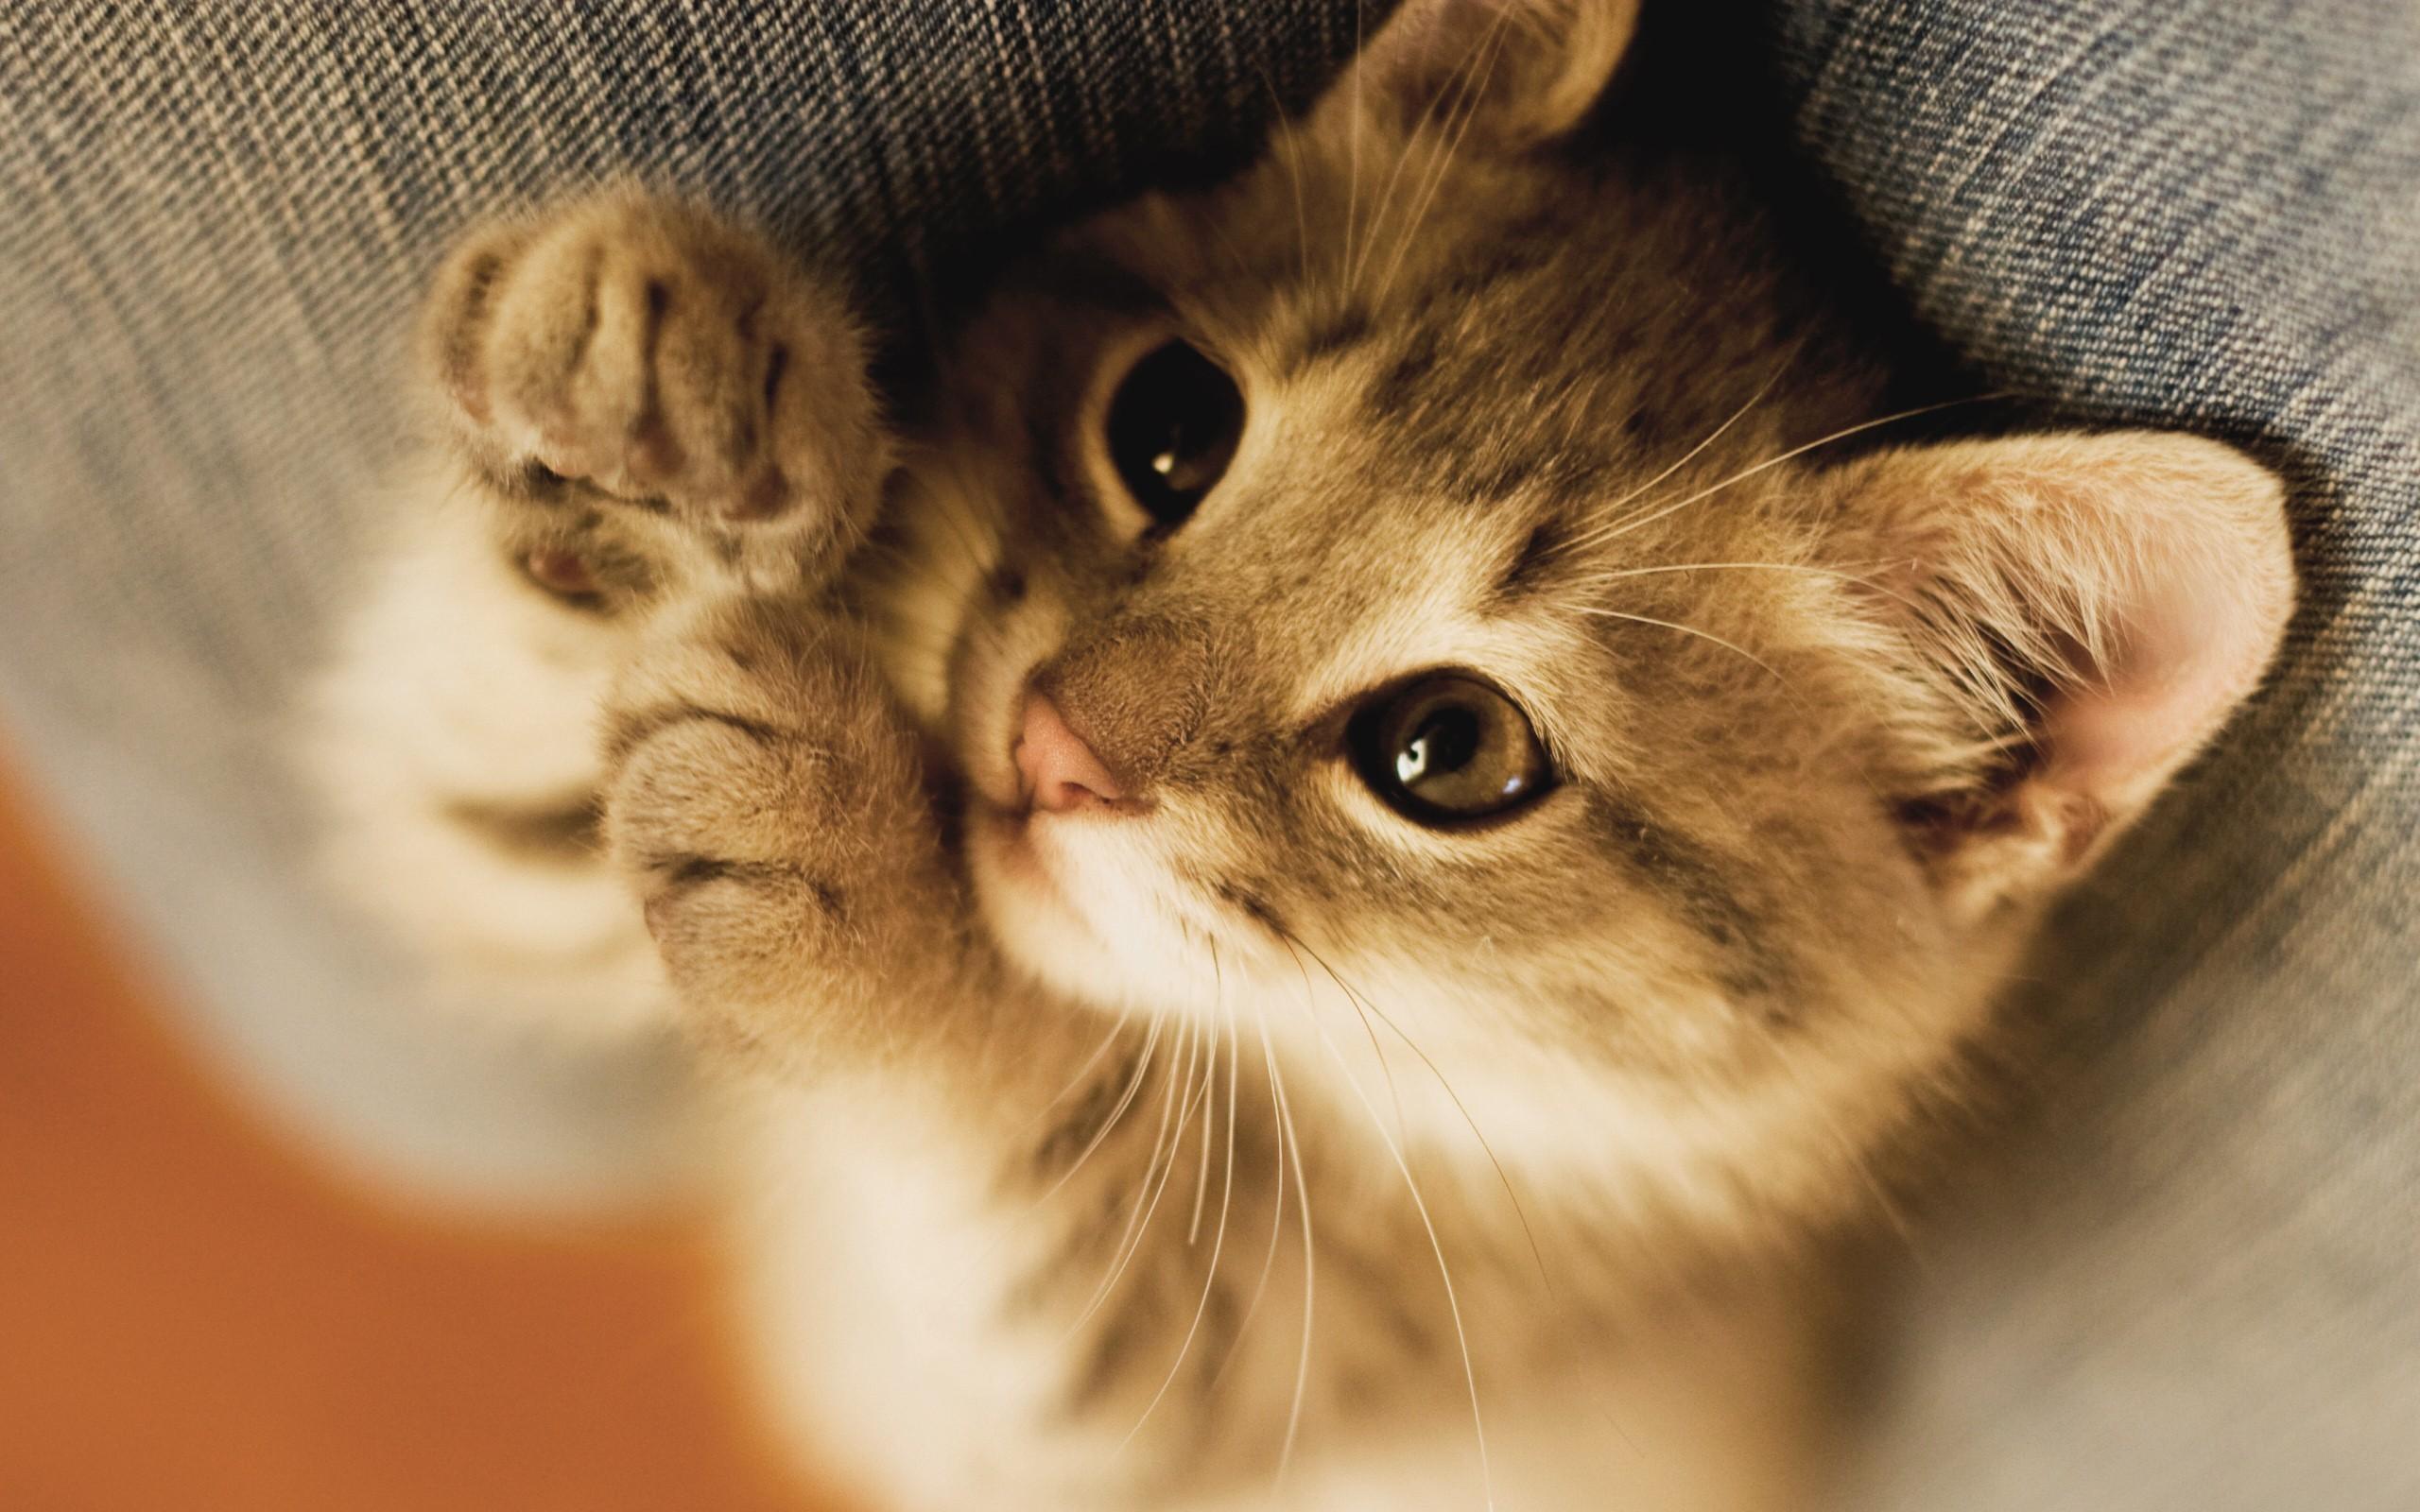 图片标题:动物世界-猫咪写真03(2560x1600)